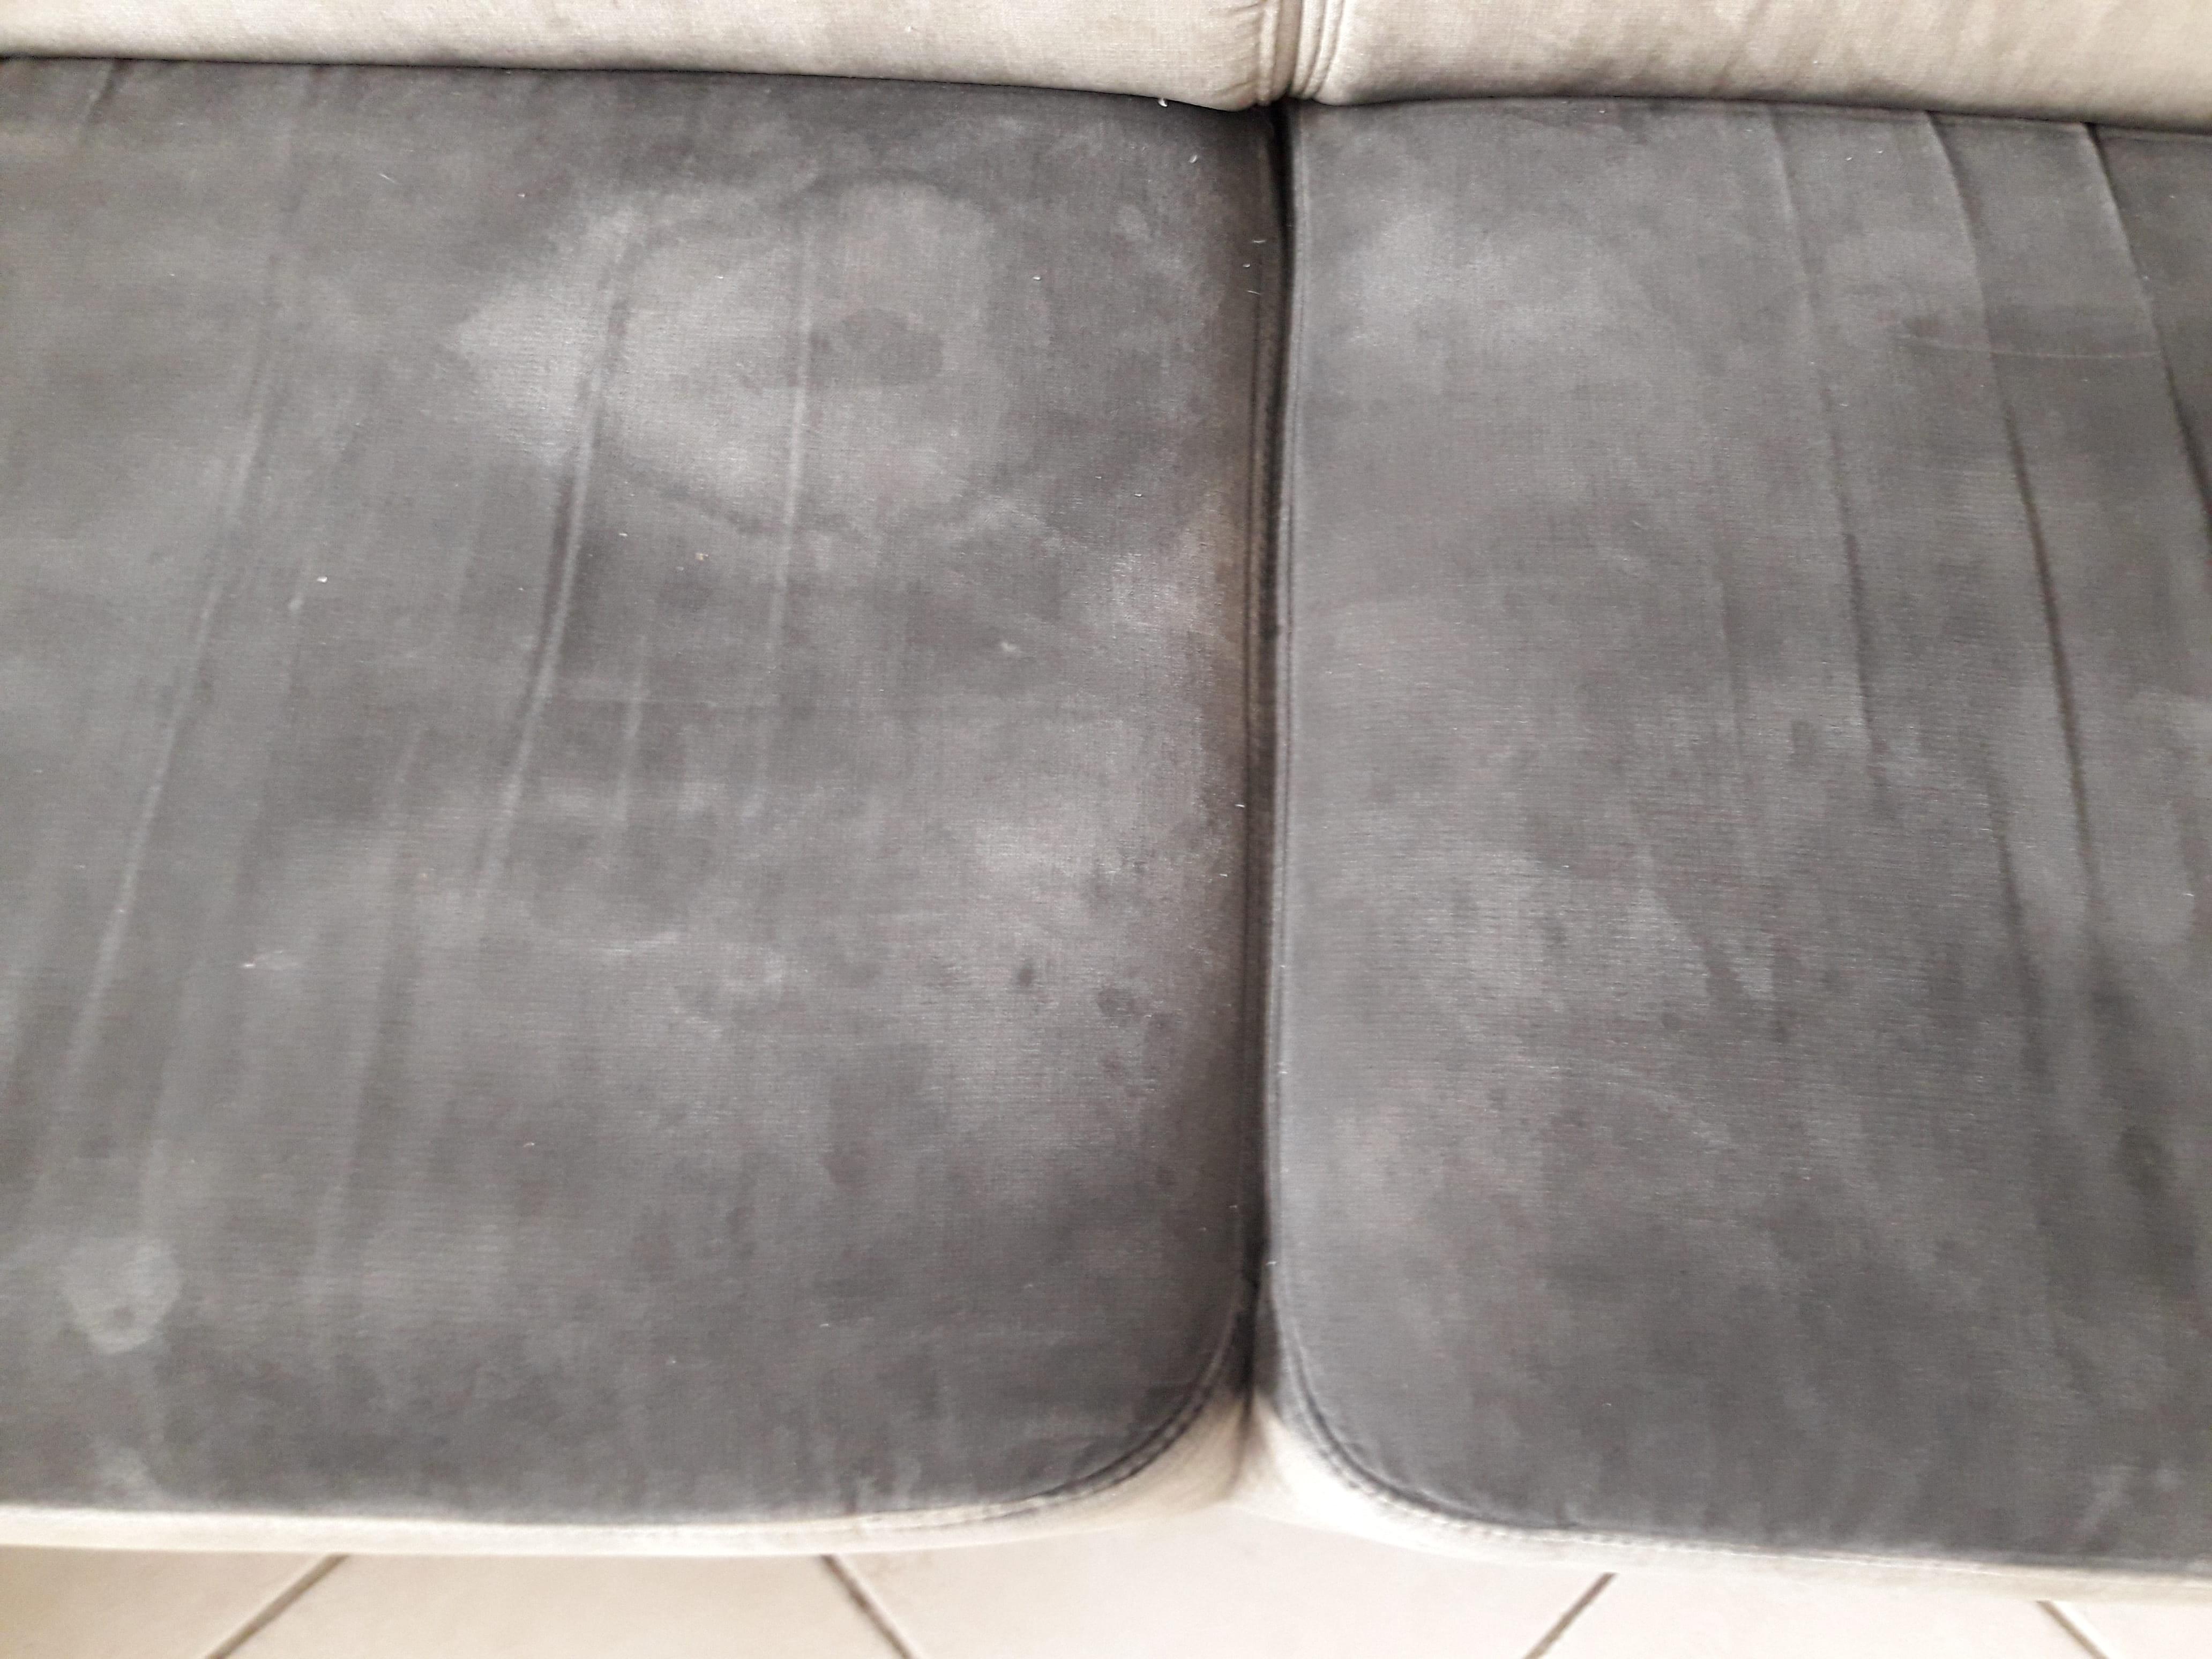 Leroy Merlin Teinture Textile peut-on peindre des fauteuils en tissu ? [résolu] - journal